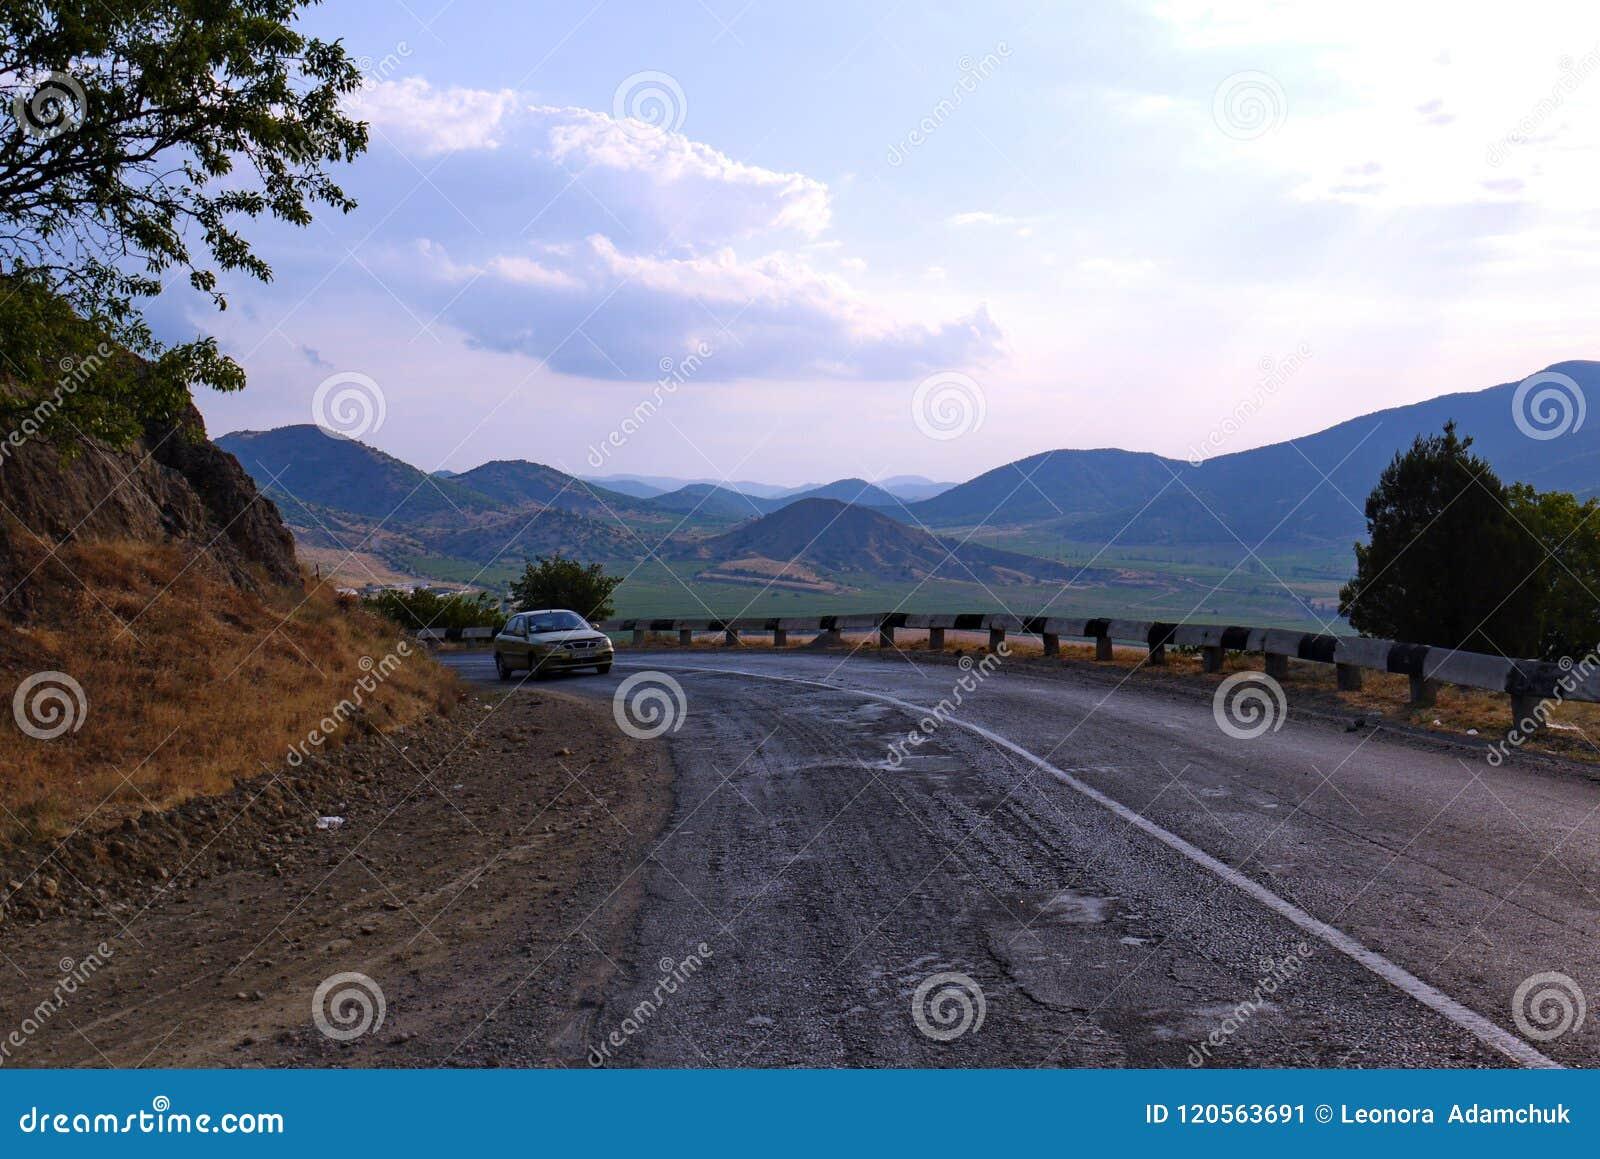 En brant vridning av den våta asfaltvägen mellan de livlösa och fula bergen i söderna